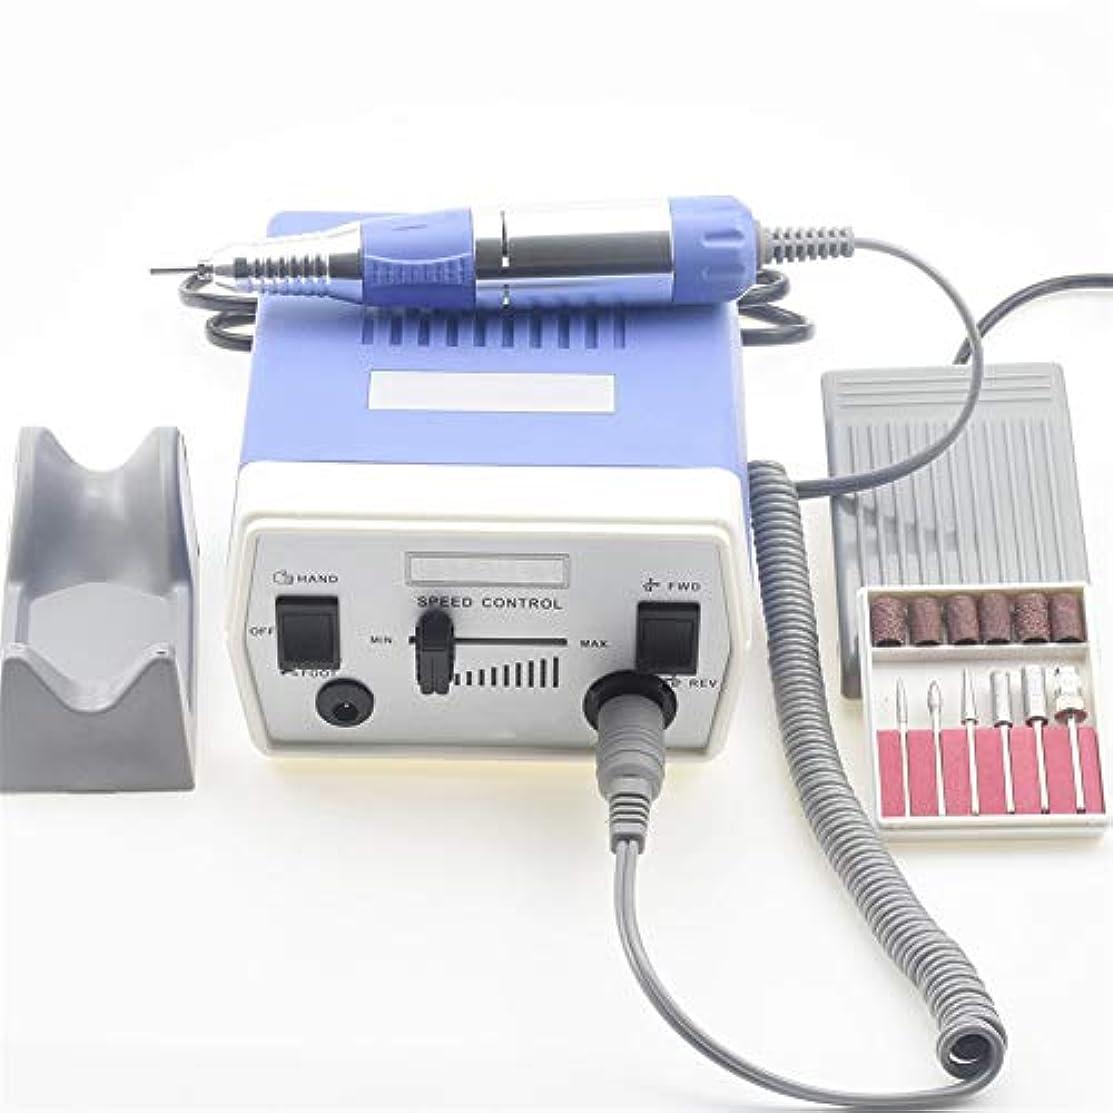 キャラクター医師シャイニング電動ネイルボーリングマシンネイルファイルキット30000 rpm用アクリルジェルネイル研削マニキュアペディキュアネイルツール低ノイズ低熱